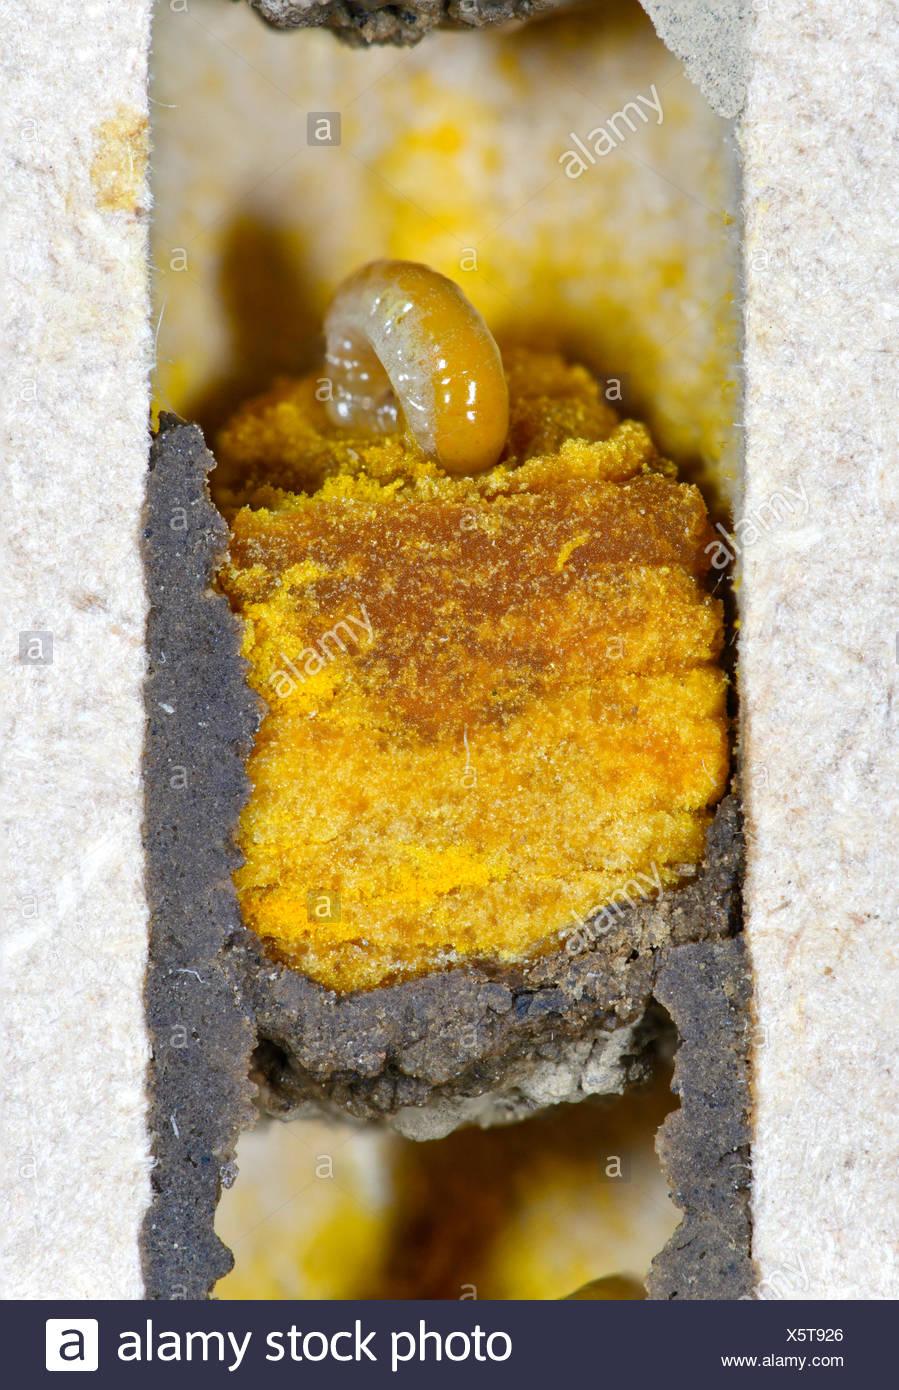 Larven der Gehörnten Mauerbiene (Osmia cornuta) fressen einen Pollen-Nektarbrei (Pollenbrot) in Brutzellen mit Trennwänden aus L - Stock Image